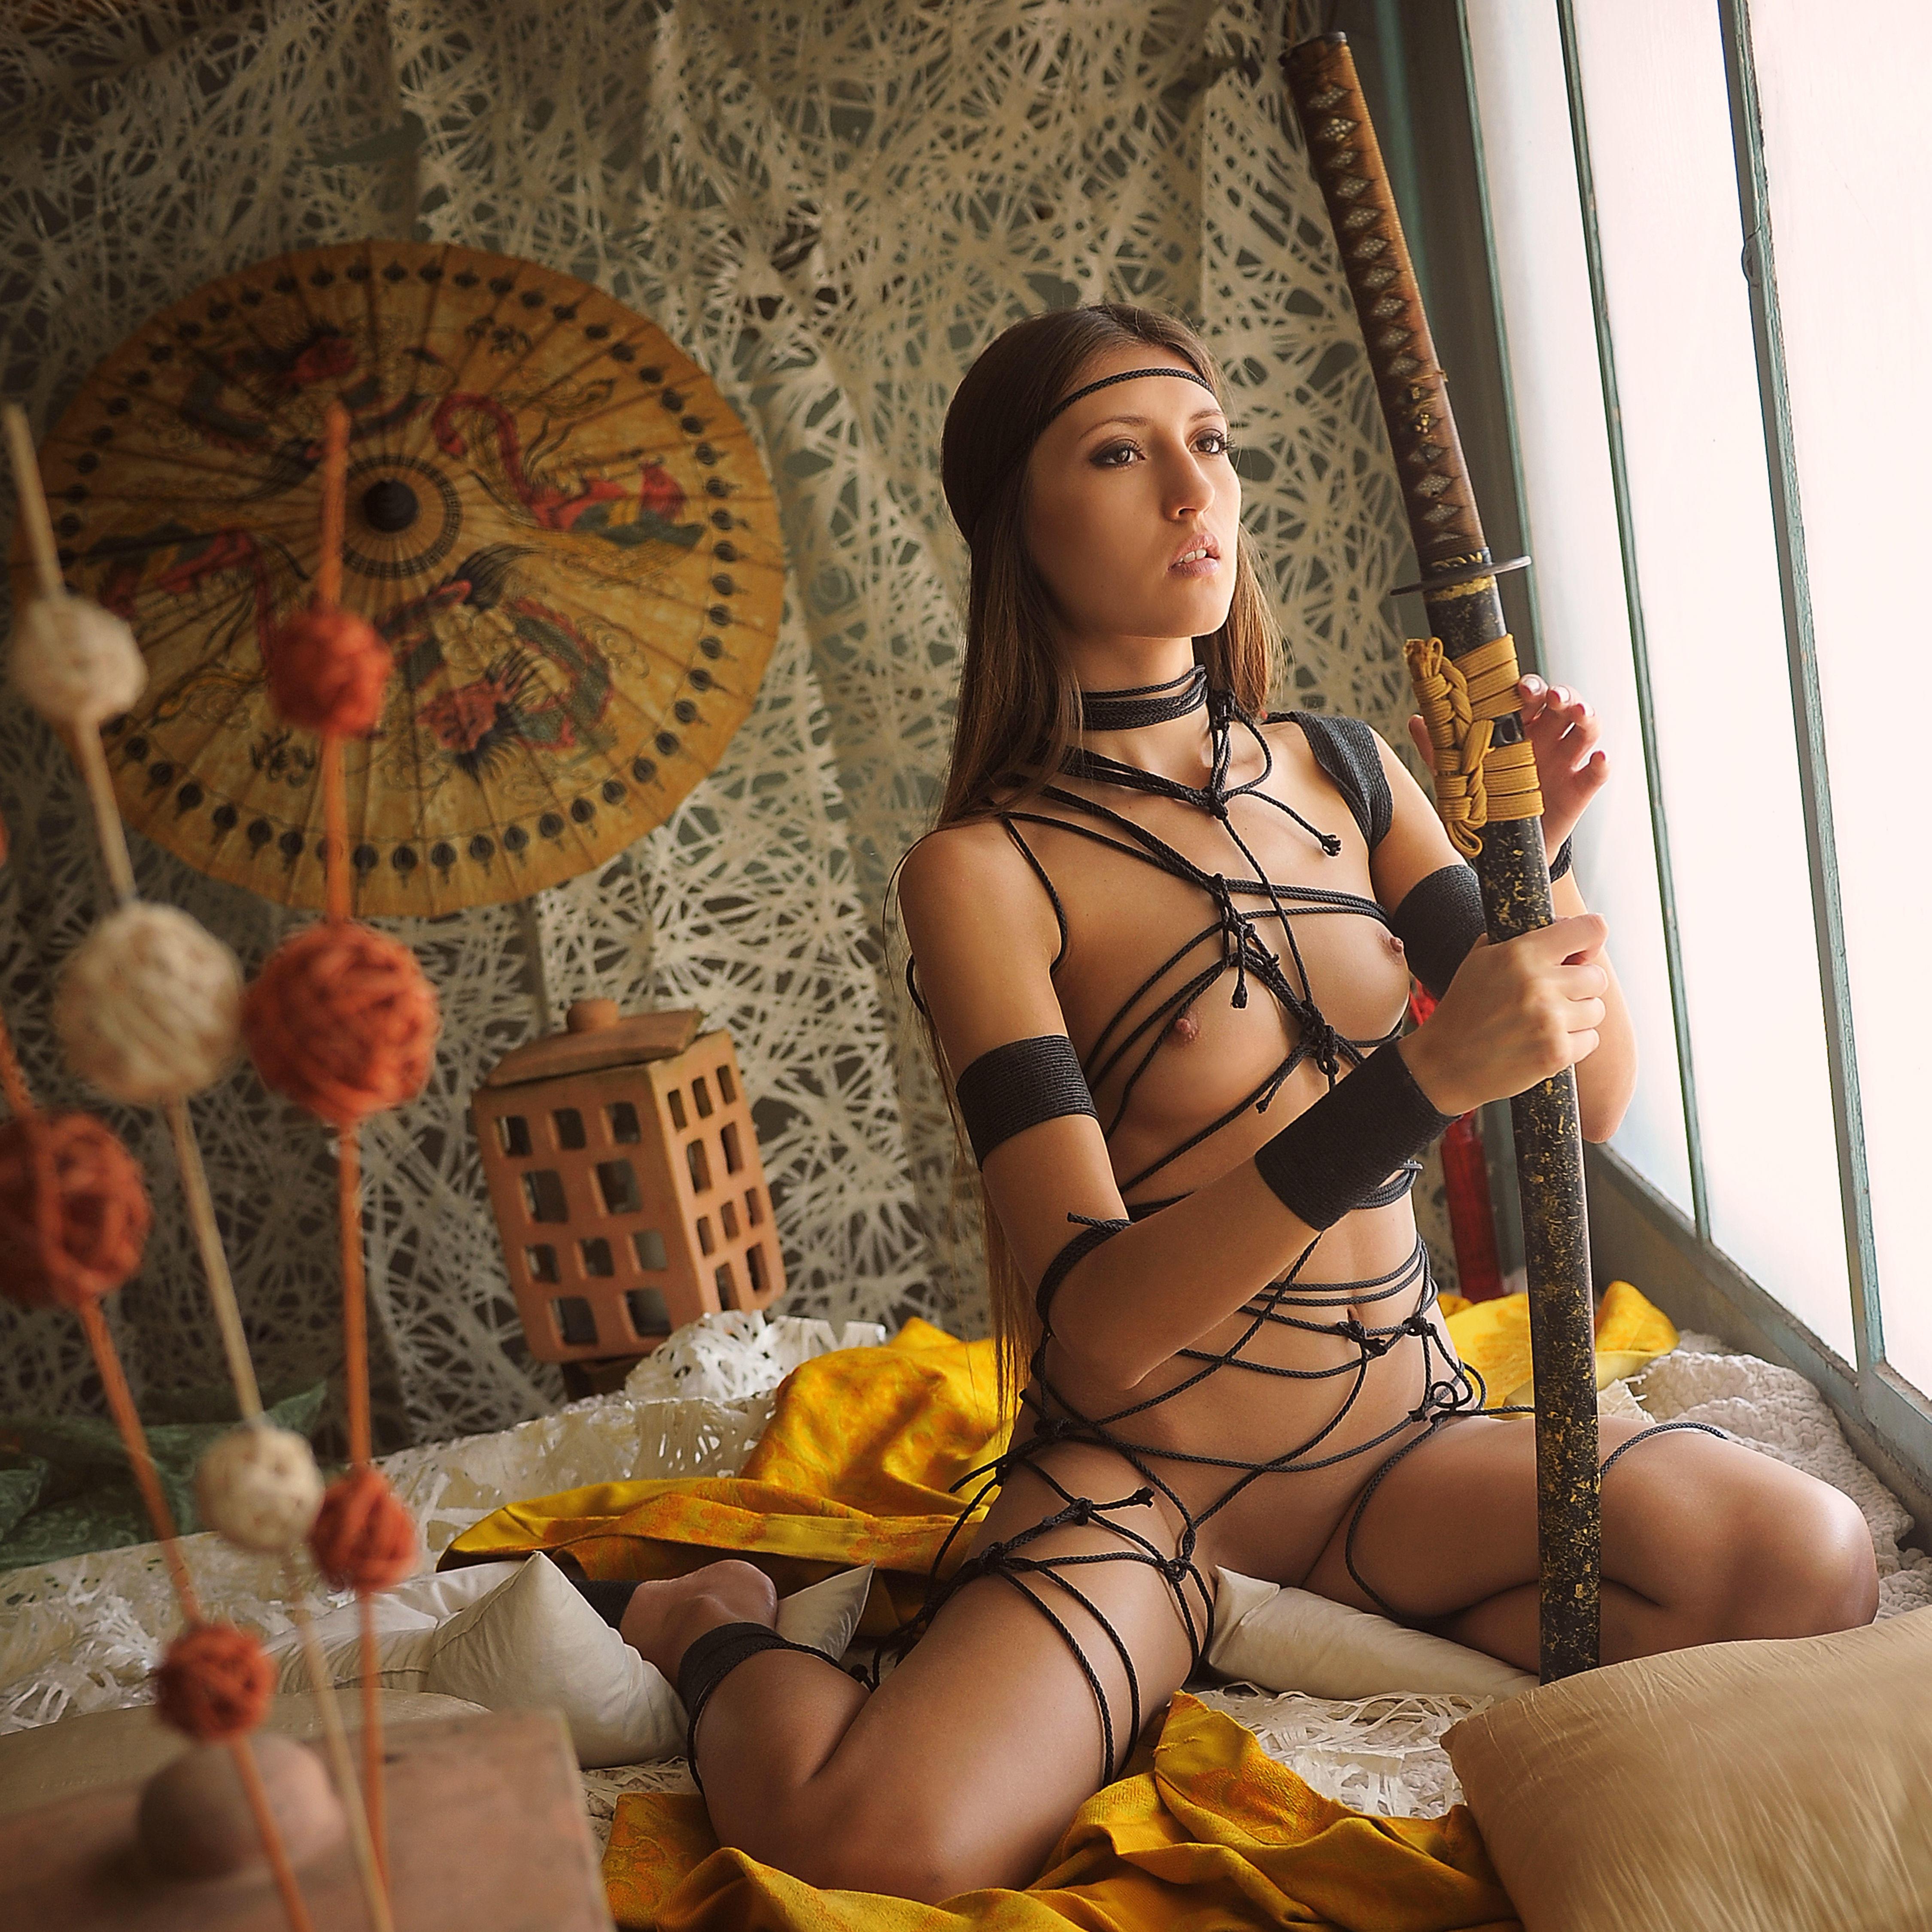 секс с самураем фото горячие потоки